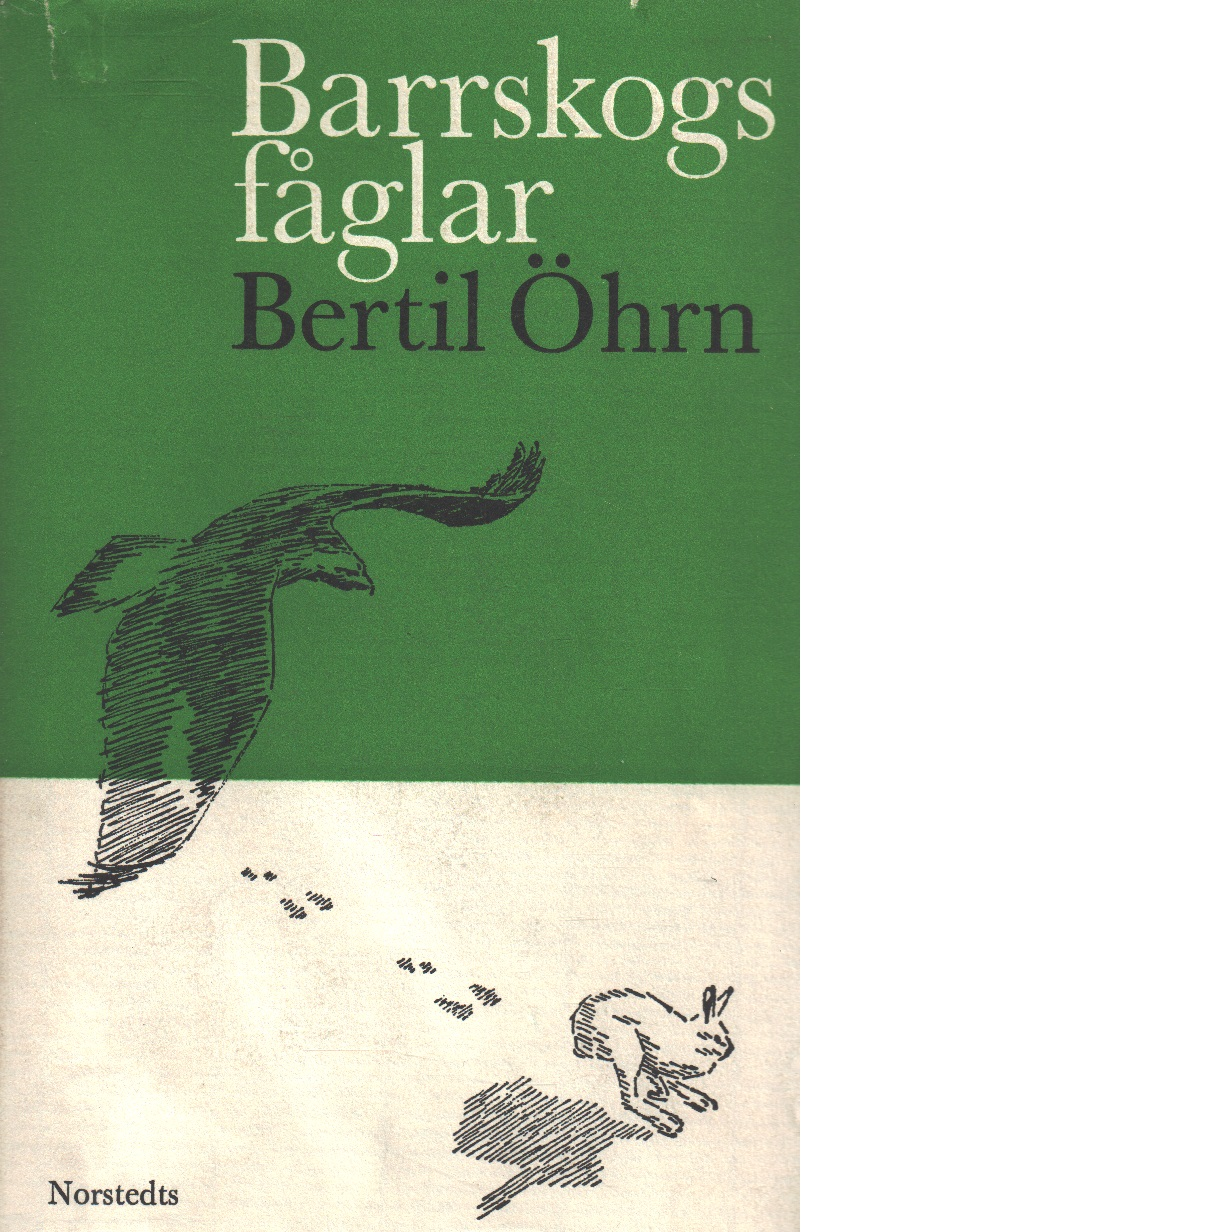 Barrskogsfåglar - Öhrn, Bertil